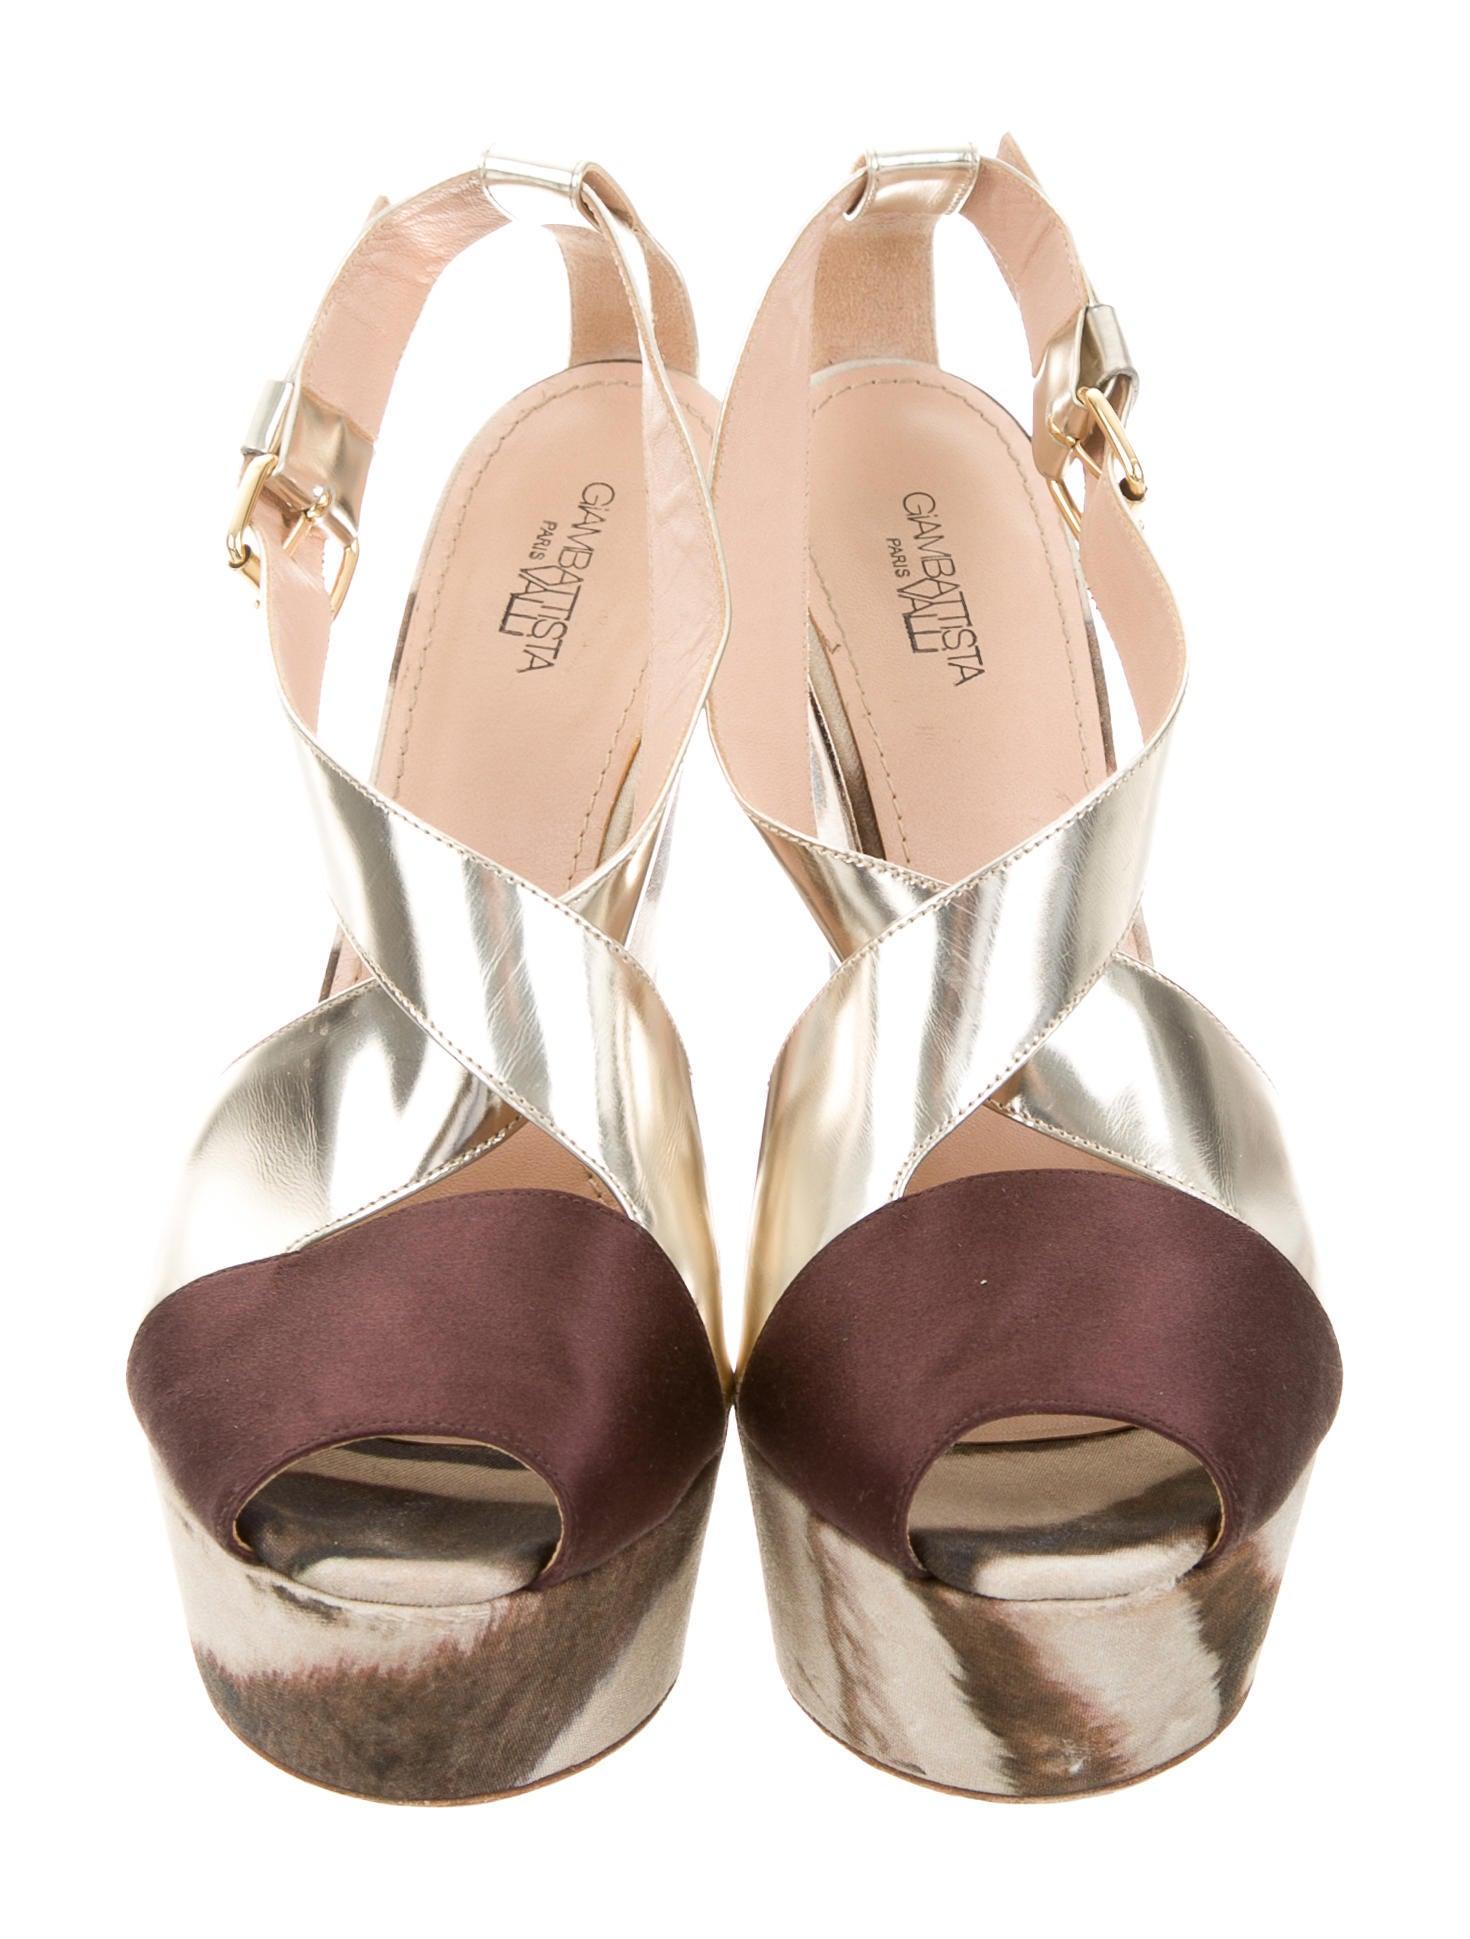 giambattista valli satin wedge sandals shoes gia24032